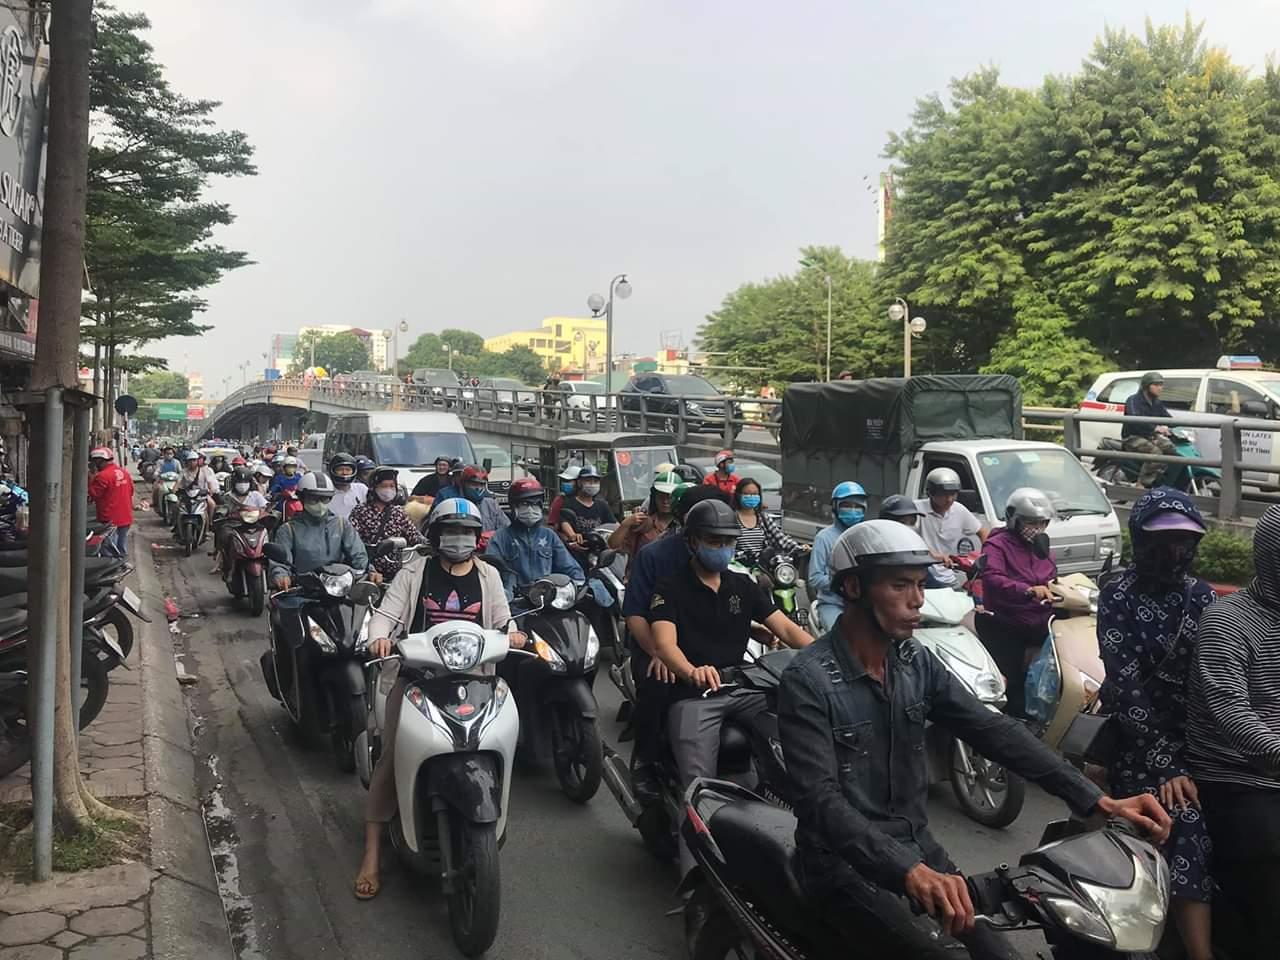 Hà Nội: Xe máy đâm vào trụ cầu vượt Thái Hà, 1 người tử vong Ảnh 3